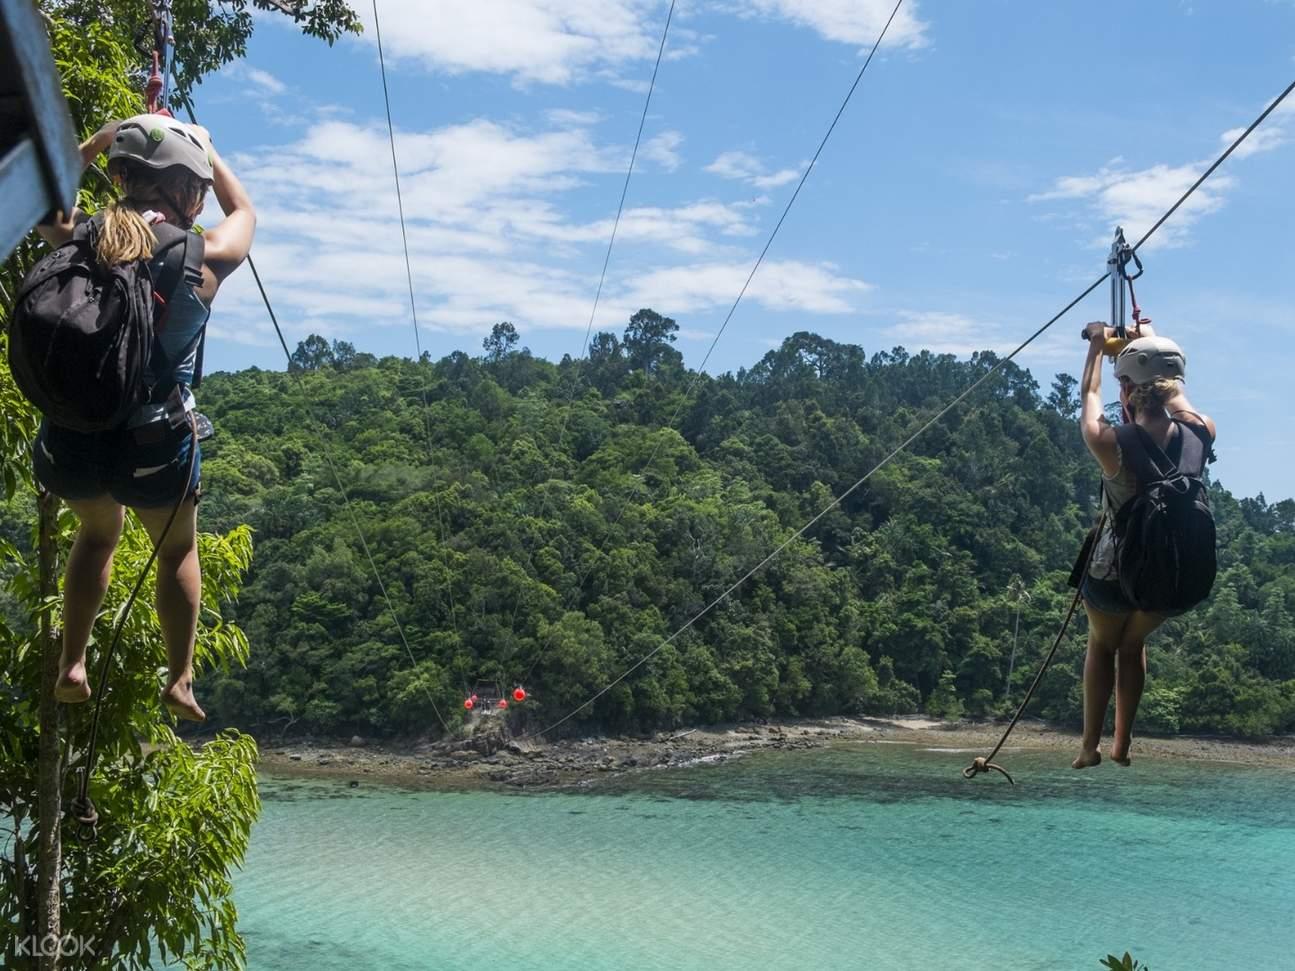 Coral Flyer Fun Adventure in Kota Kinabalu